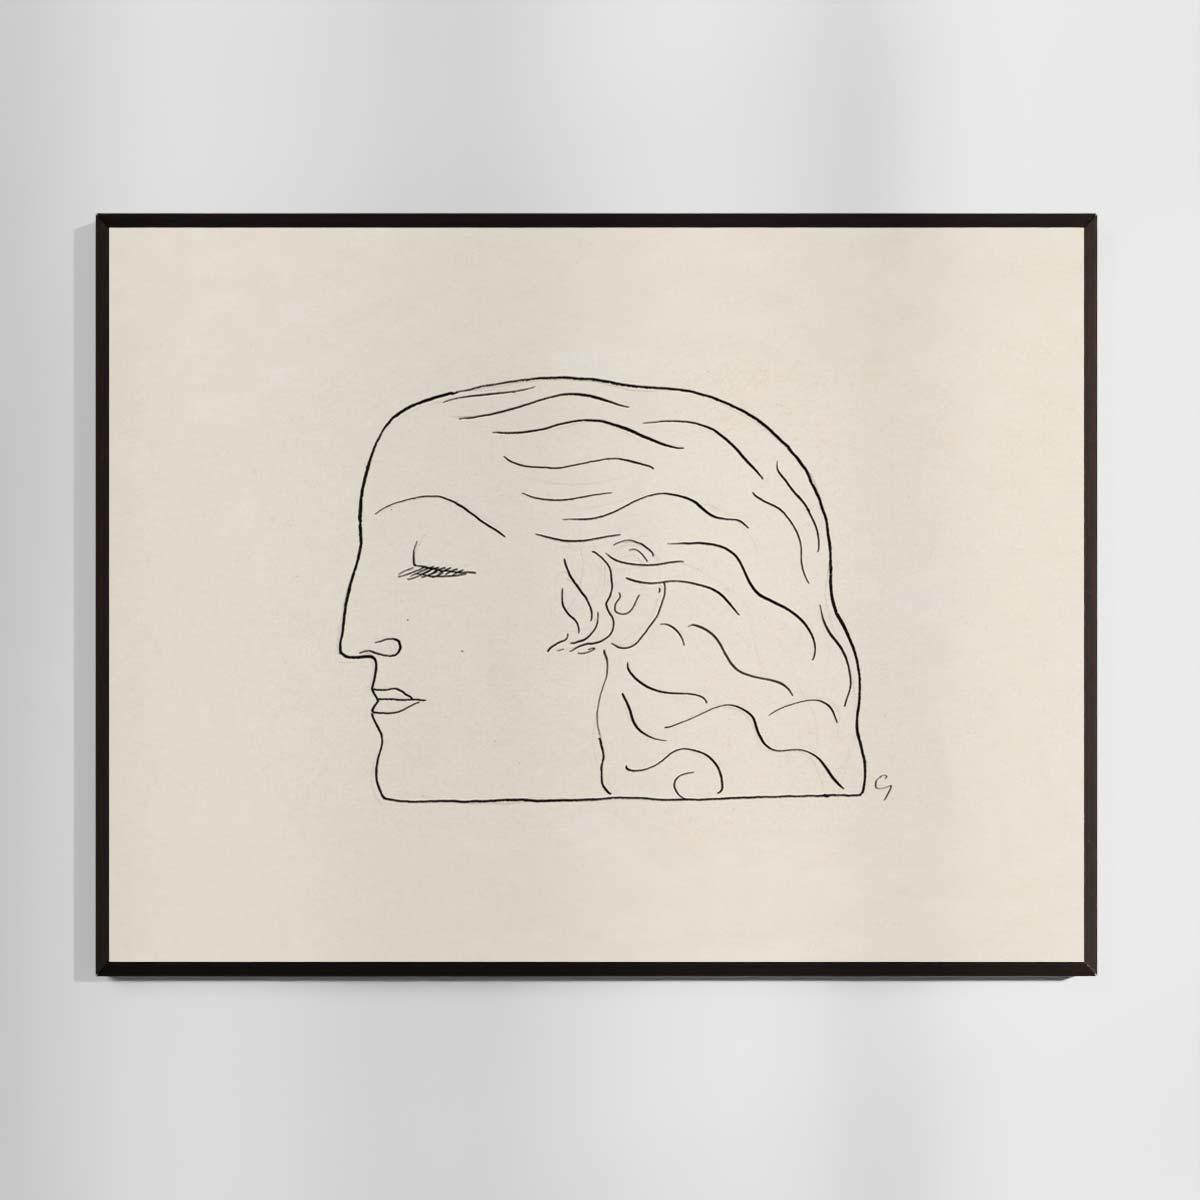 Plakat - Stregtegning - Kvindehoved af Leo Gestel